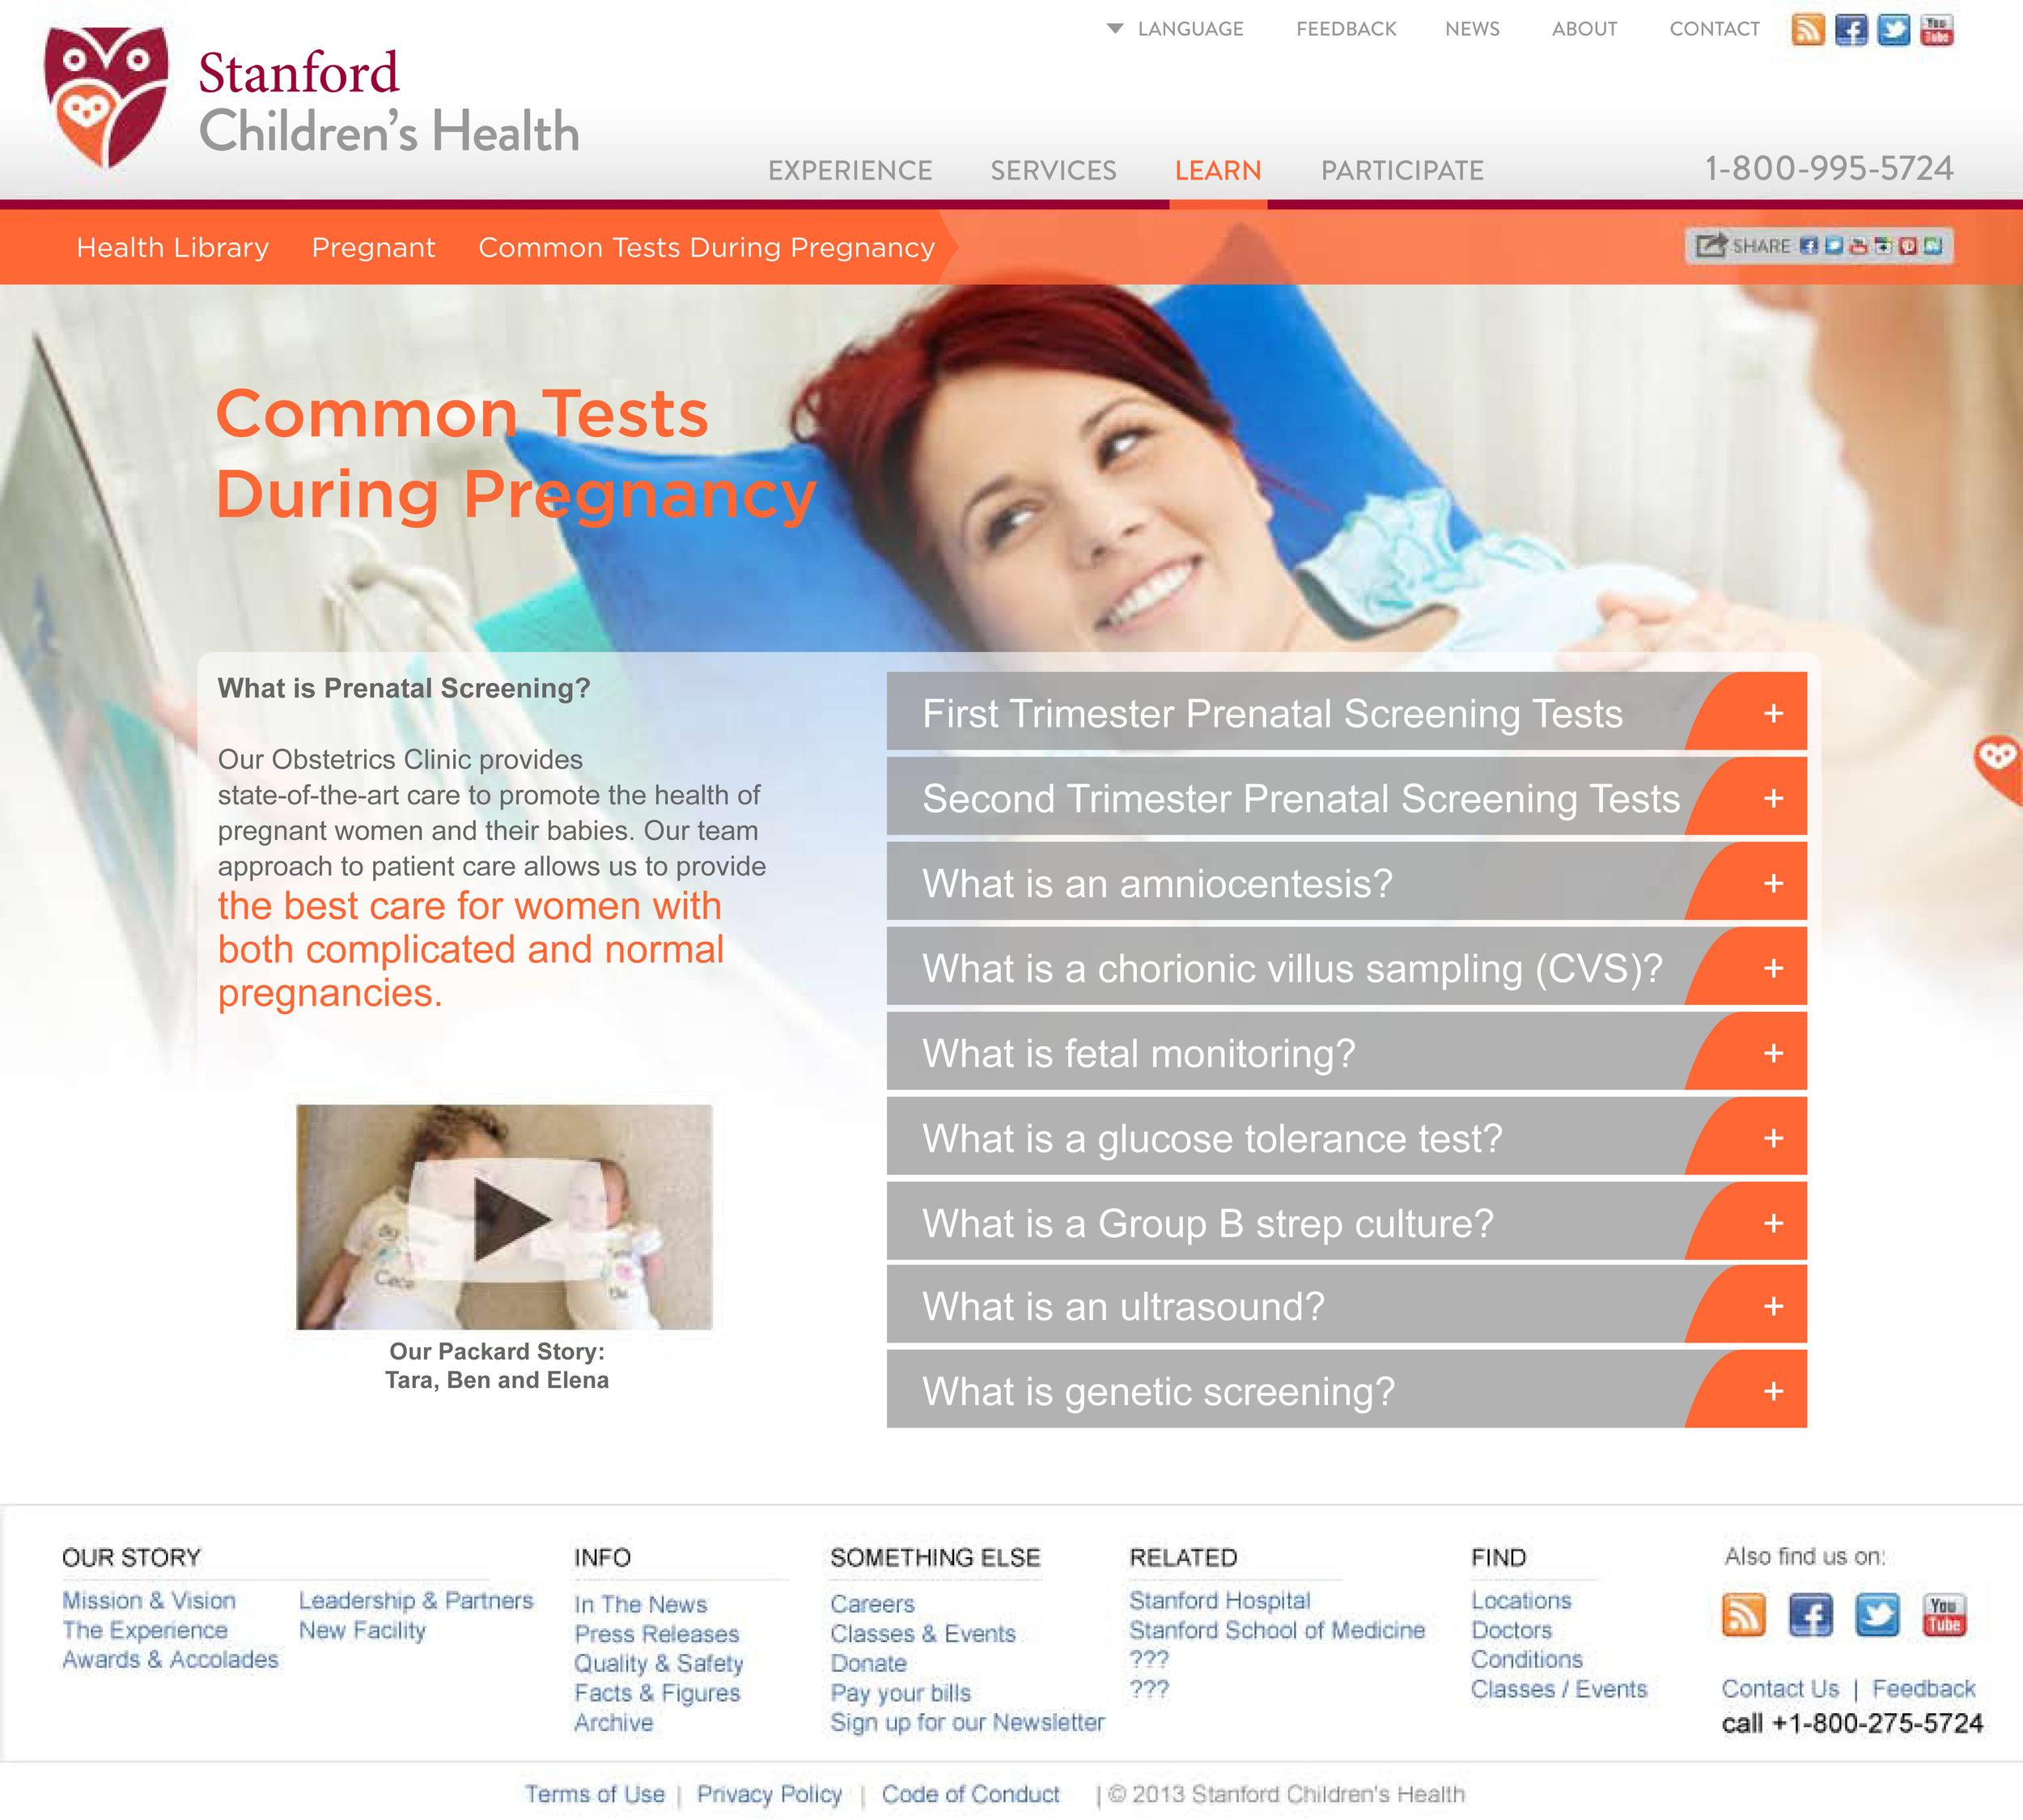 Stanford Children's Health Website Obstetrics